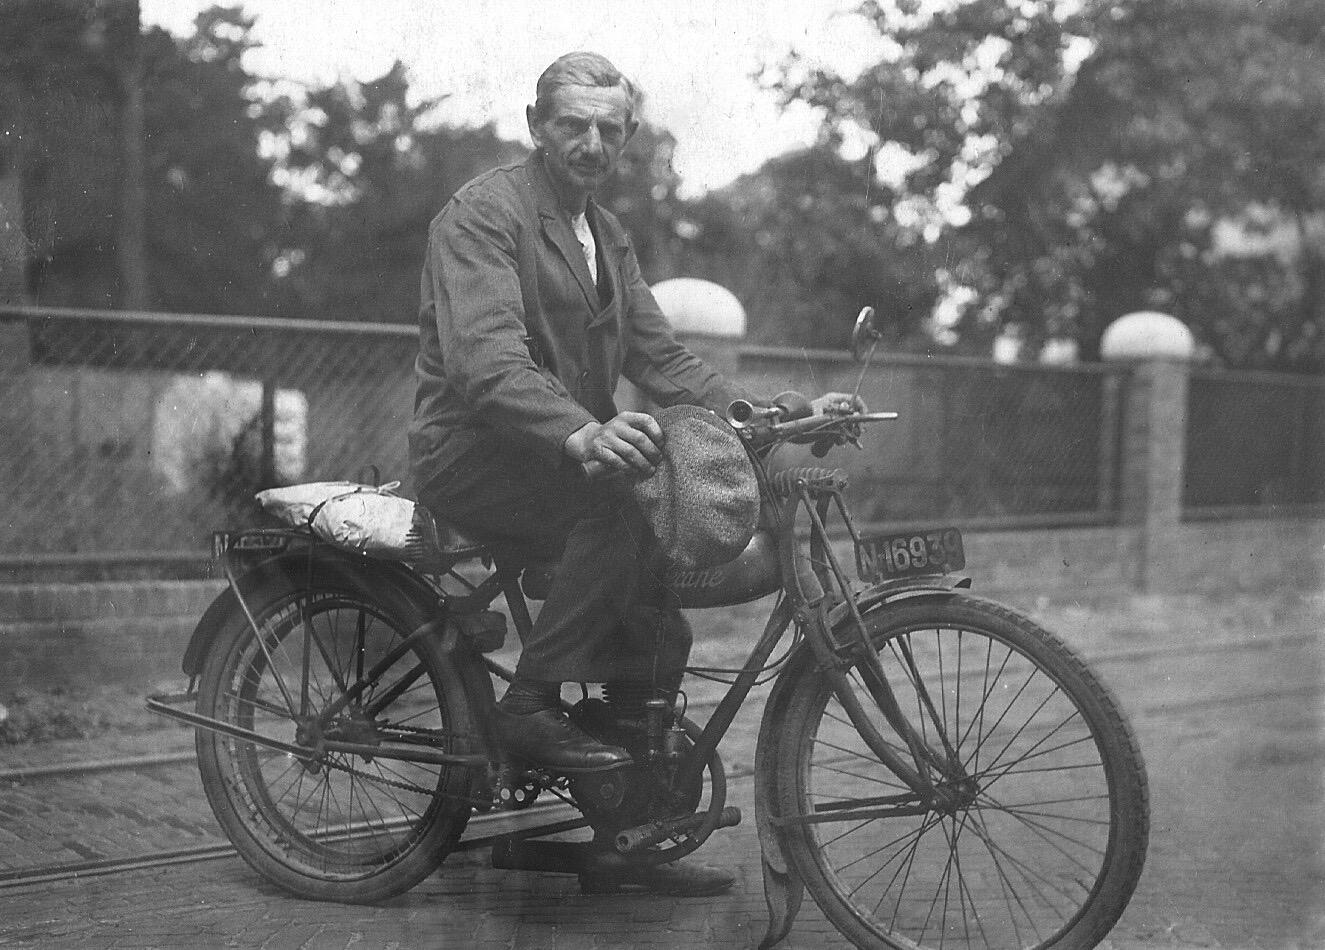 ca1936 Voor hekwerk tussen Stender en vdn. Oetelaar. Op de motor Nard van Roozendaal uit Schijndel